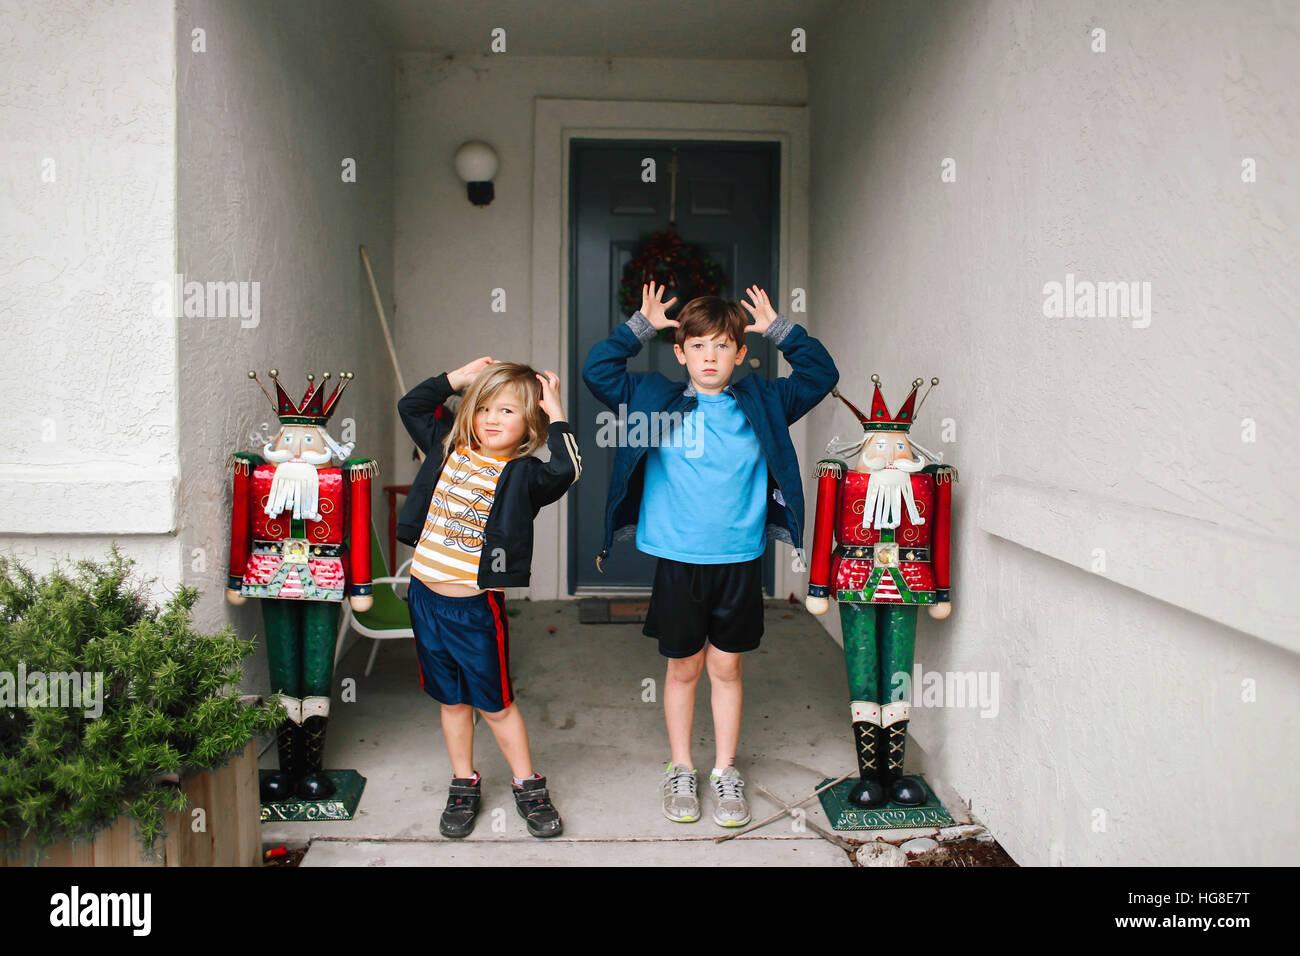 Siblings teasing while standing against door - Stock Image